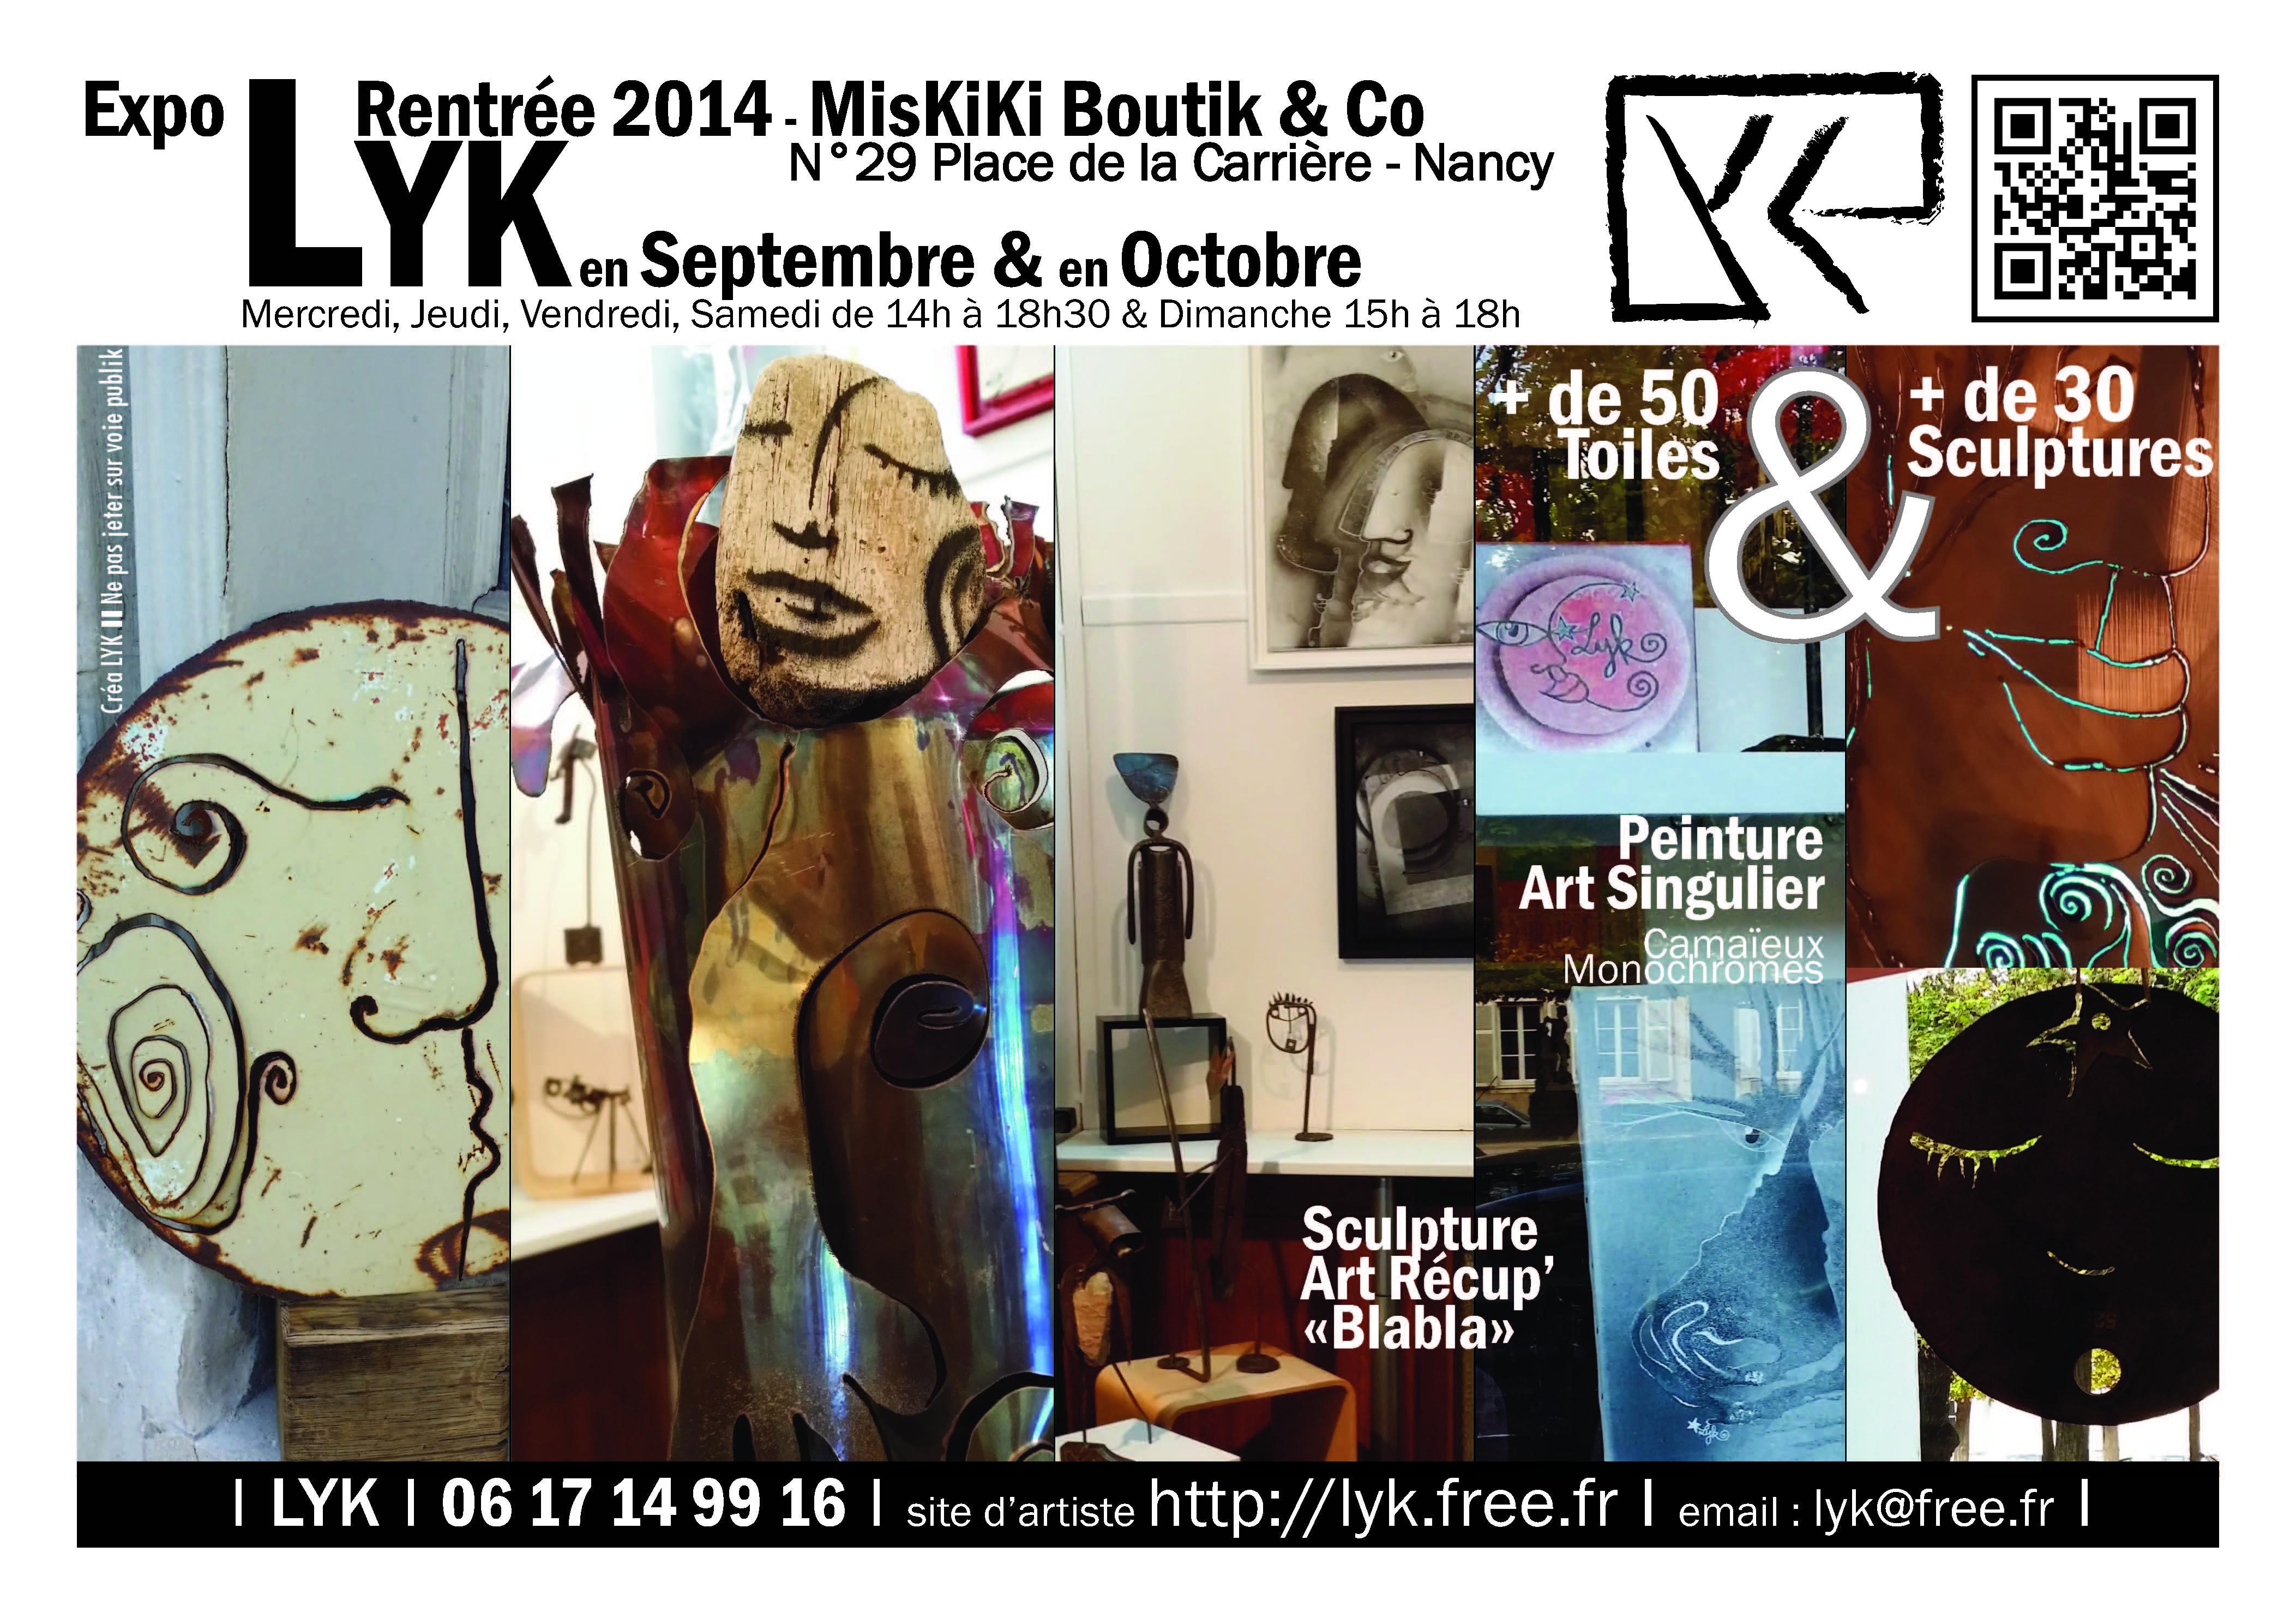 2014-09-Flyer LYK-Expo Boutik MisKiKi